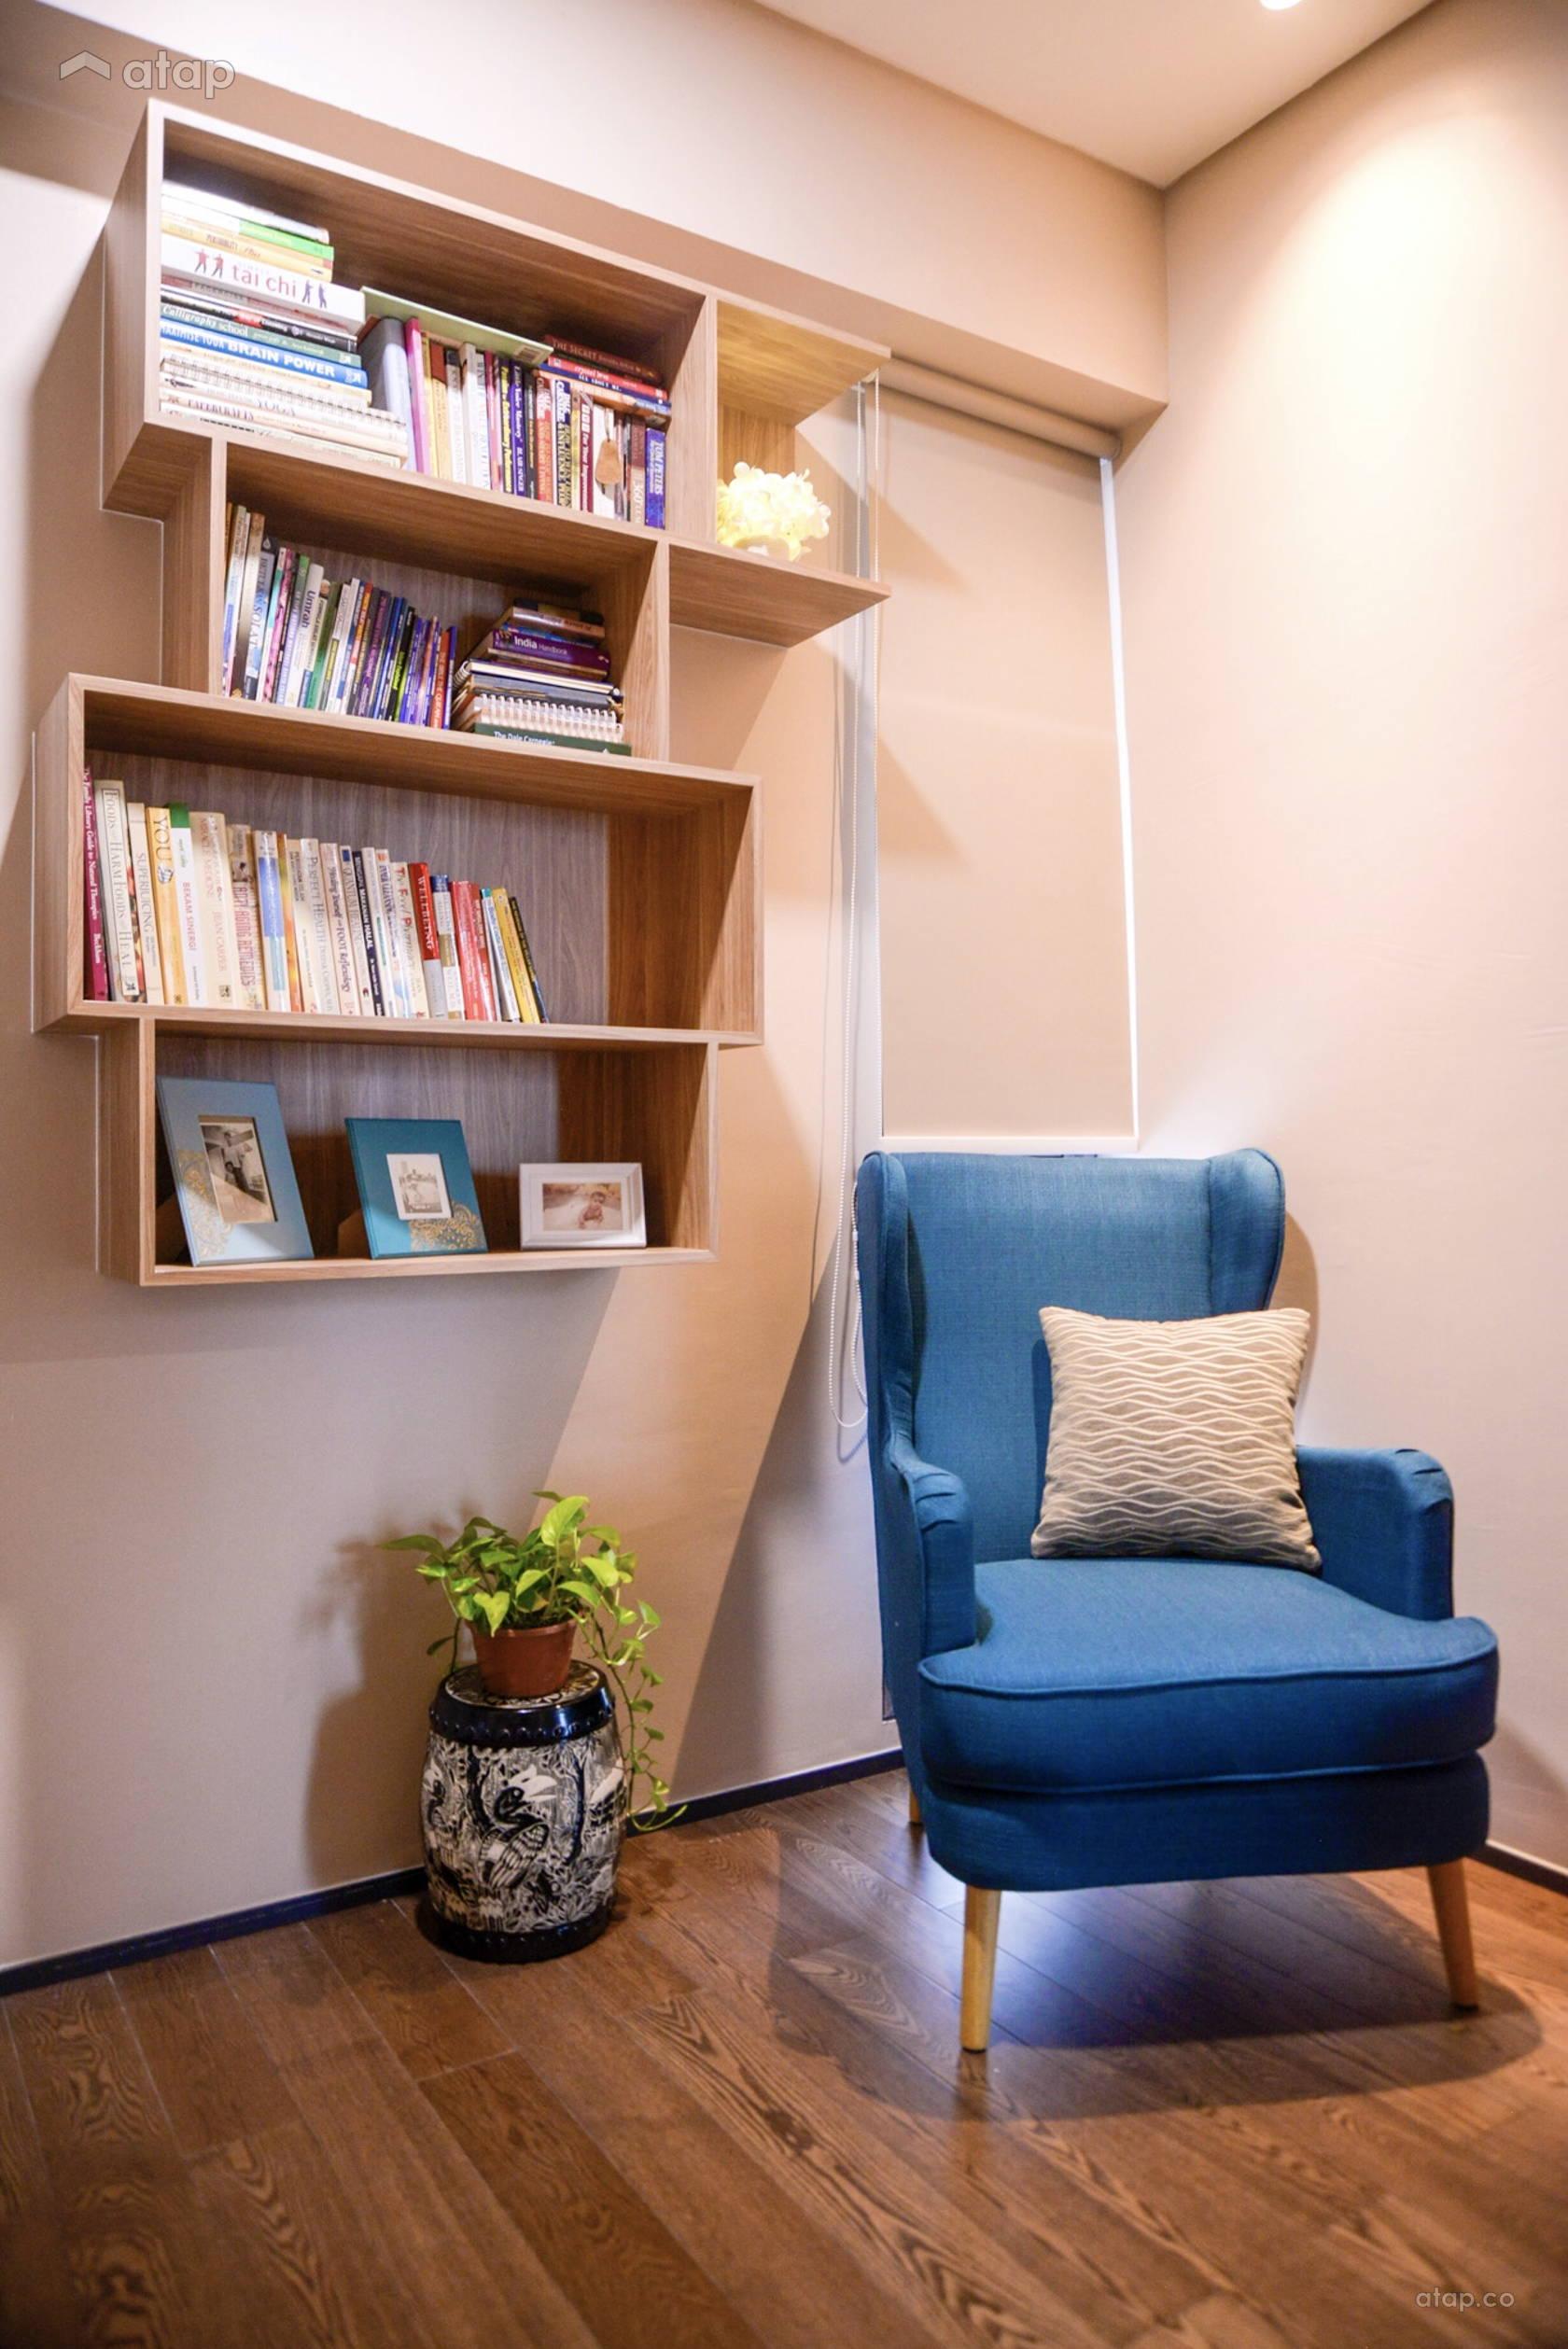 Condominium Study Room: Minimalistic Study Room Condominium @ The Fennel @ Sentul